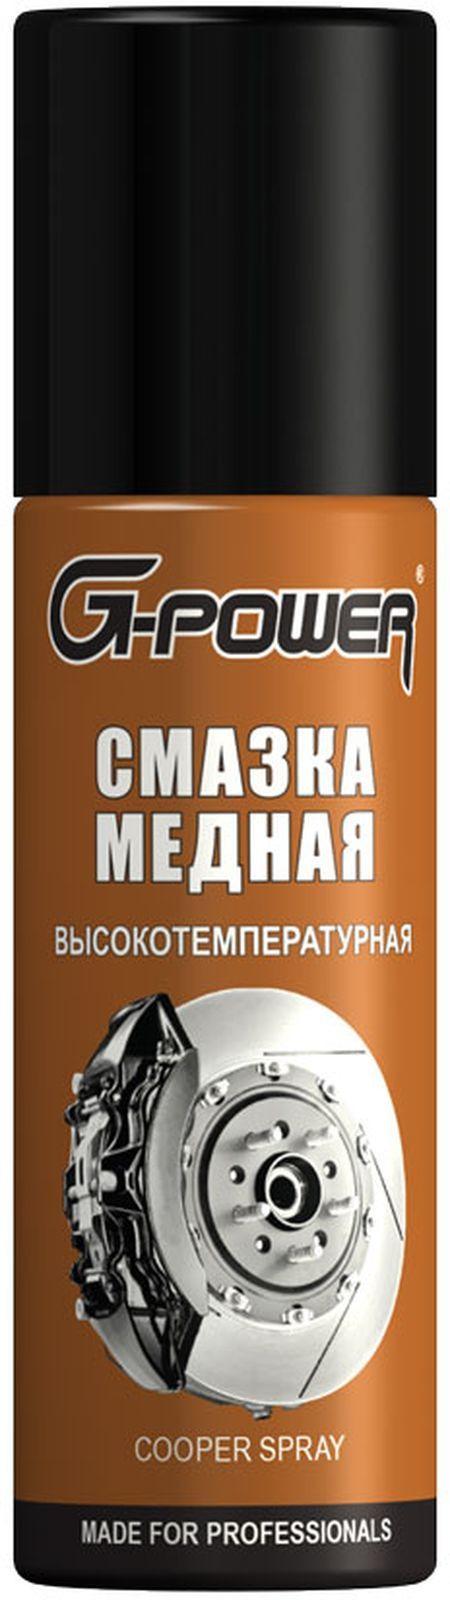 Смазка G-Power, медная, высокотемпературная, 90 мл